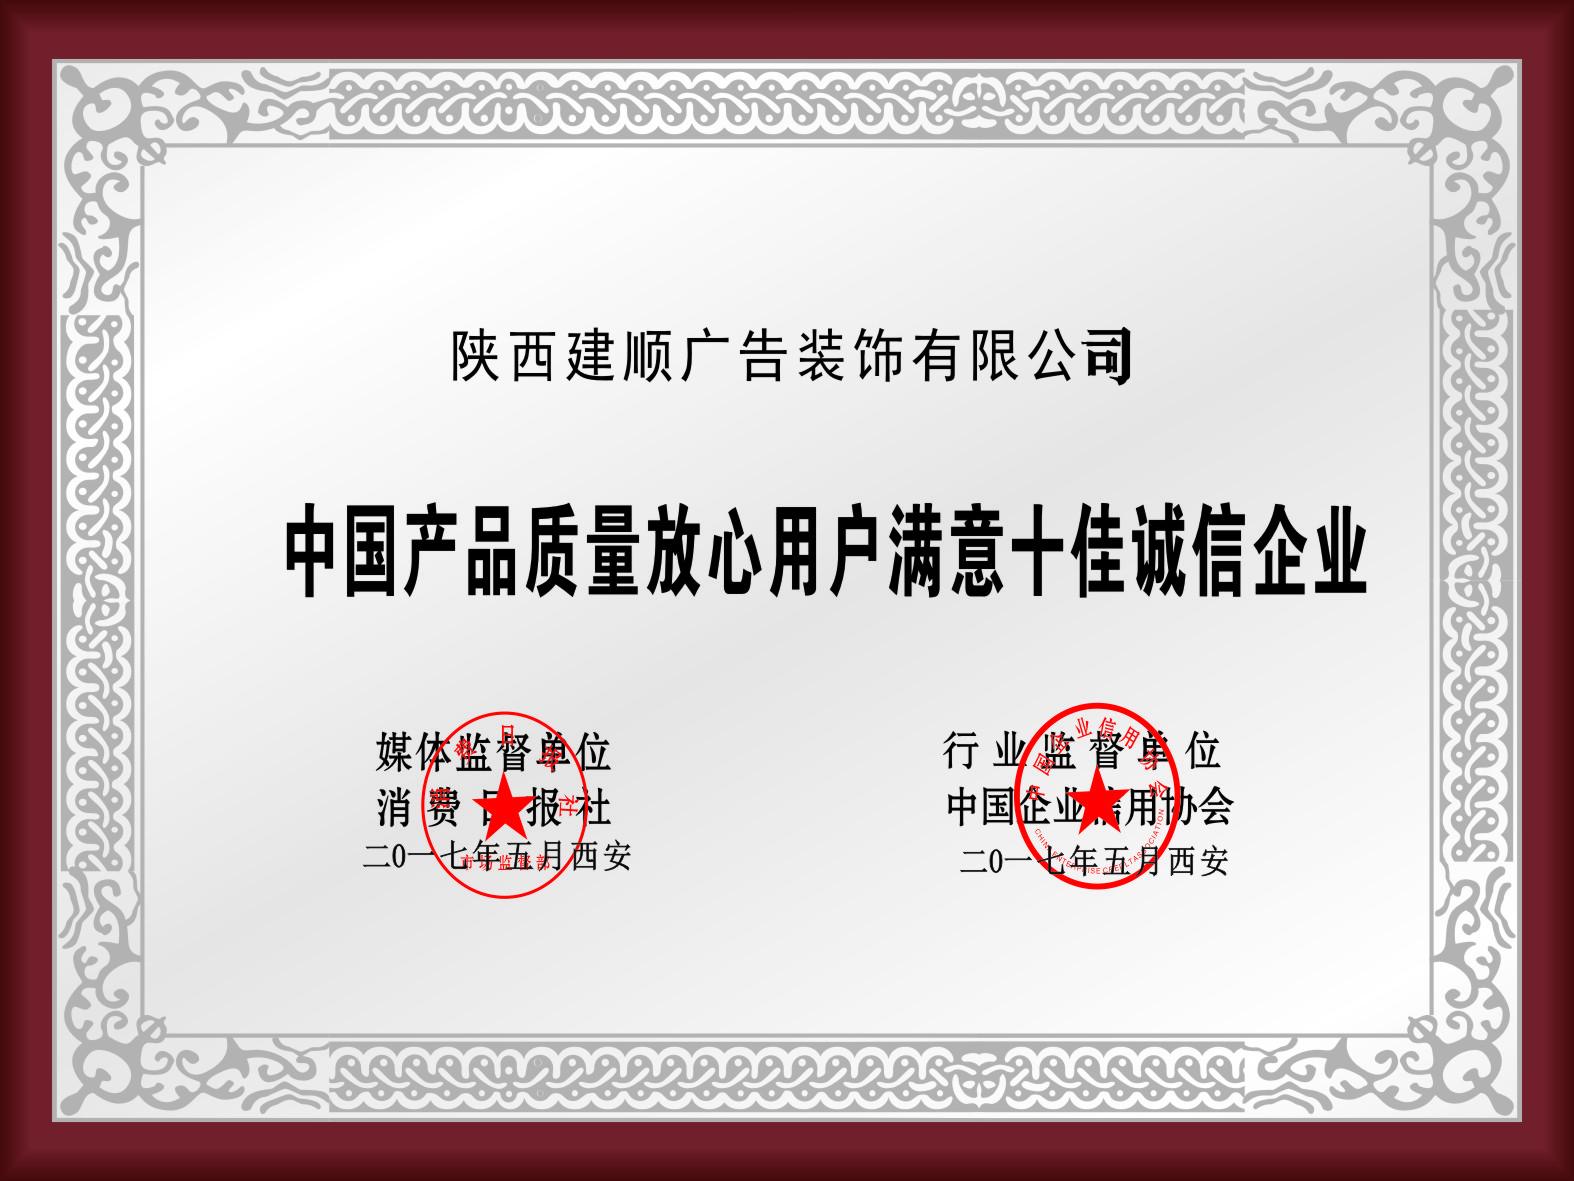 中国产品质量放心用户满意十佳诚信企业